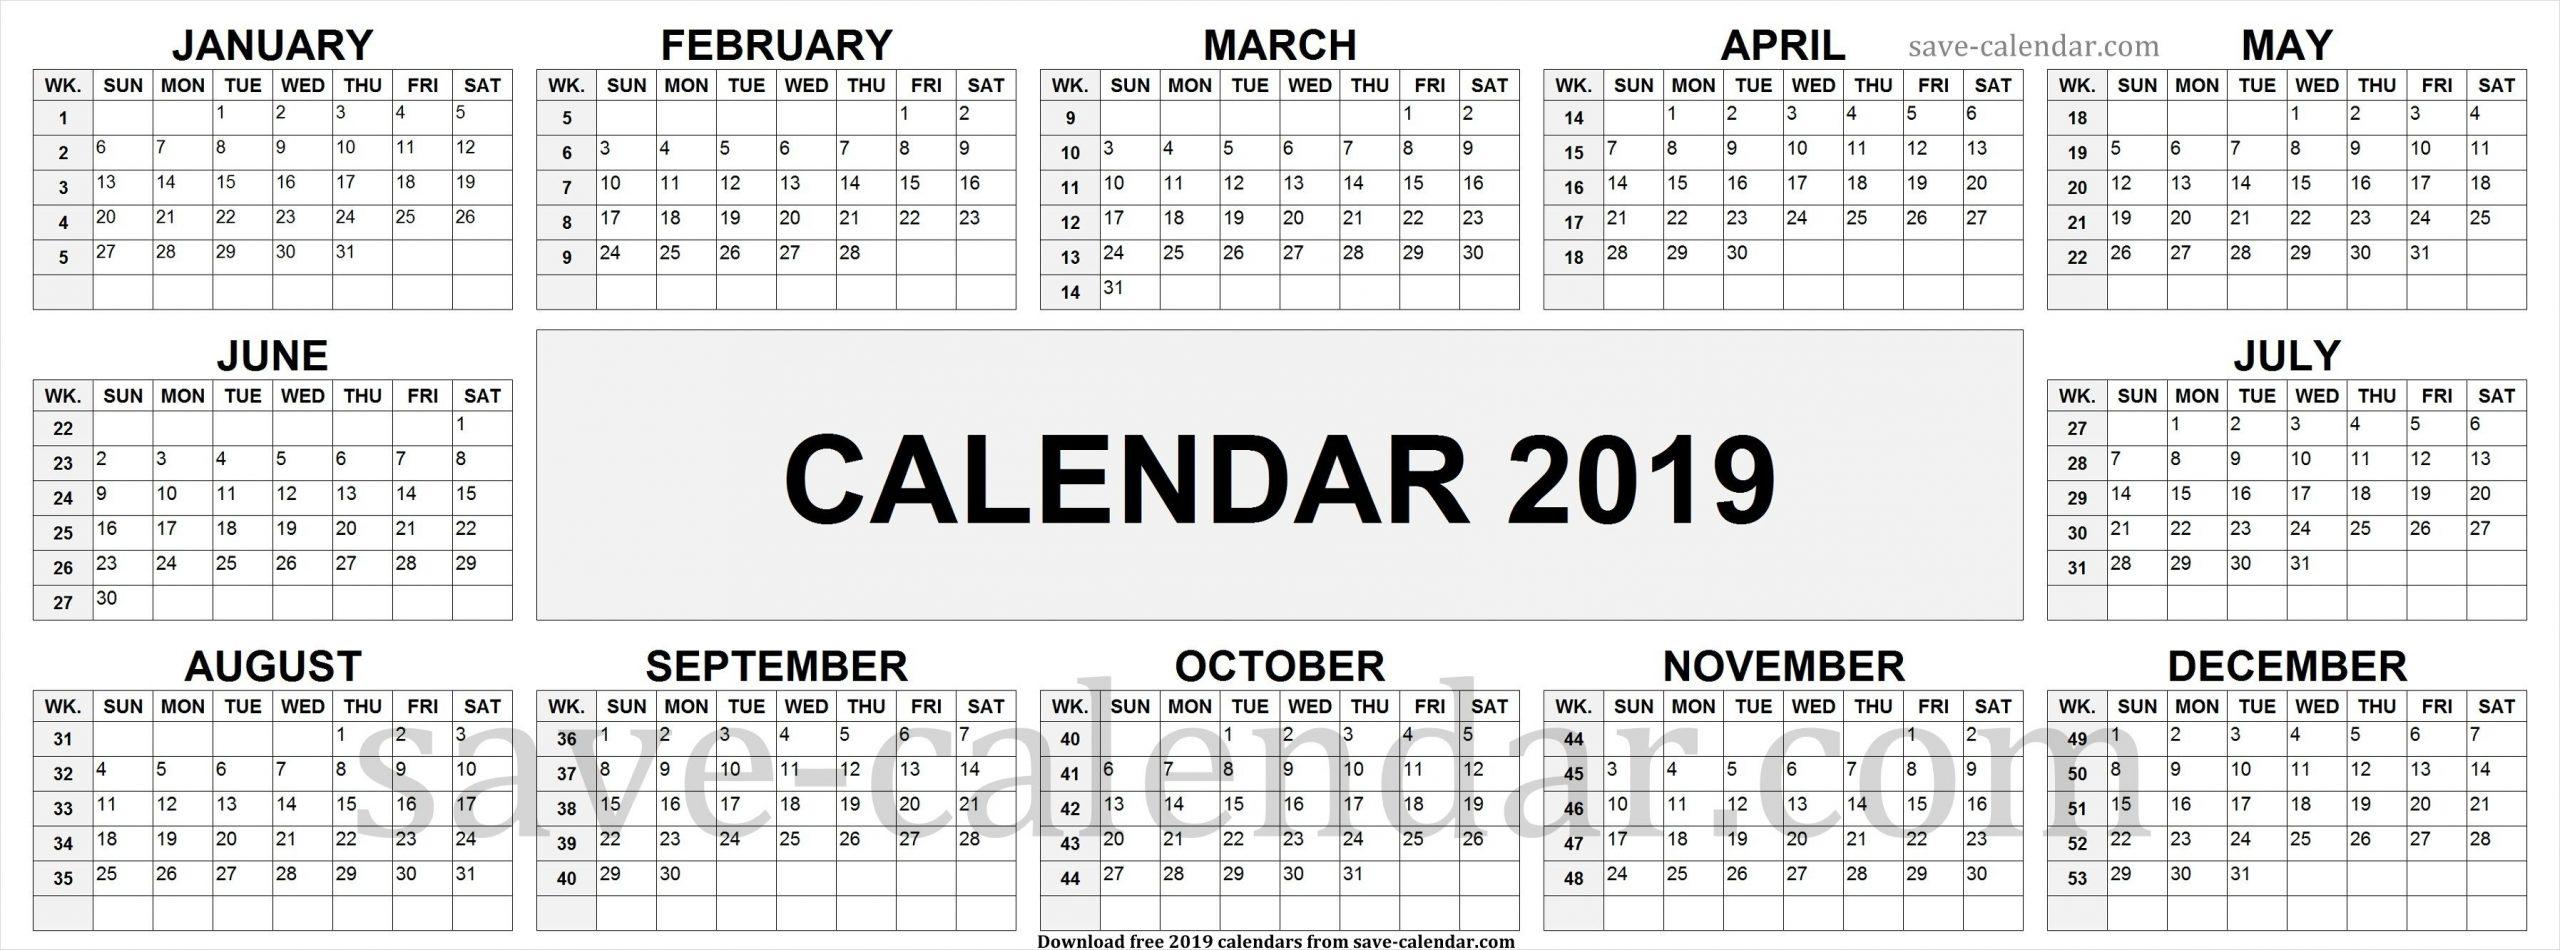 2019 Calendarweek Numbers   Calendar 2019 With Week Numbers inside Number Of The Week Template